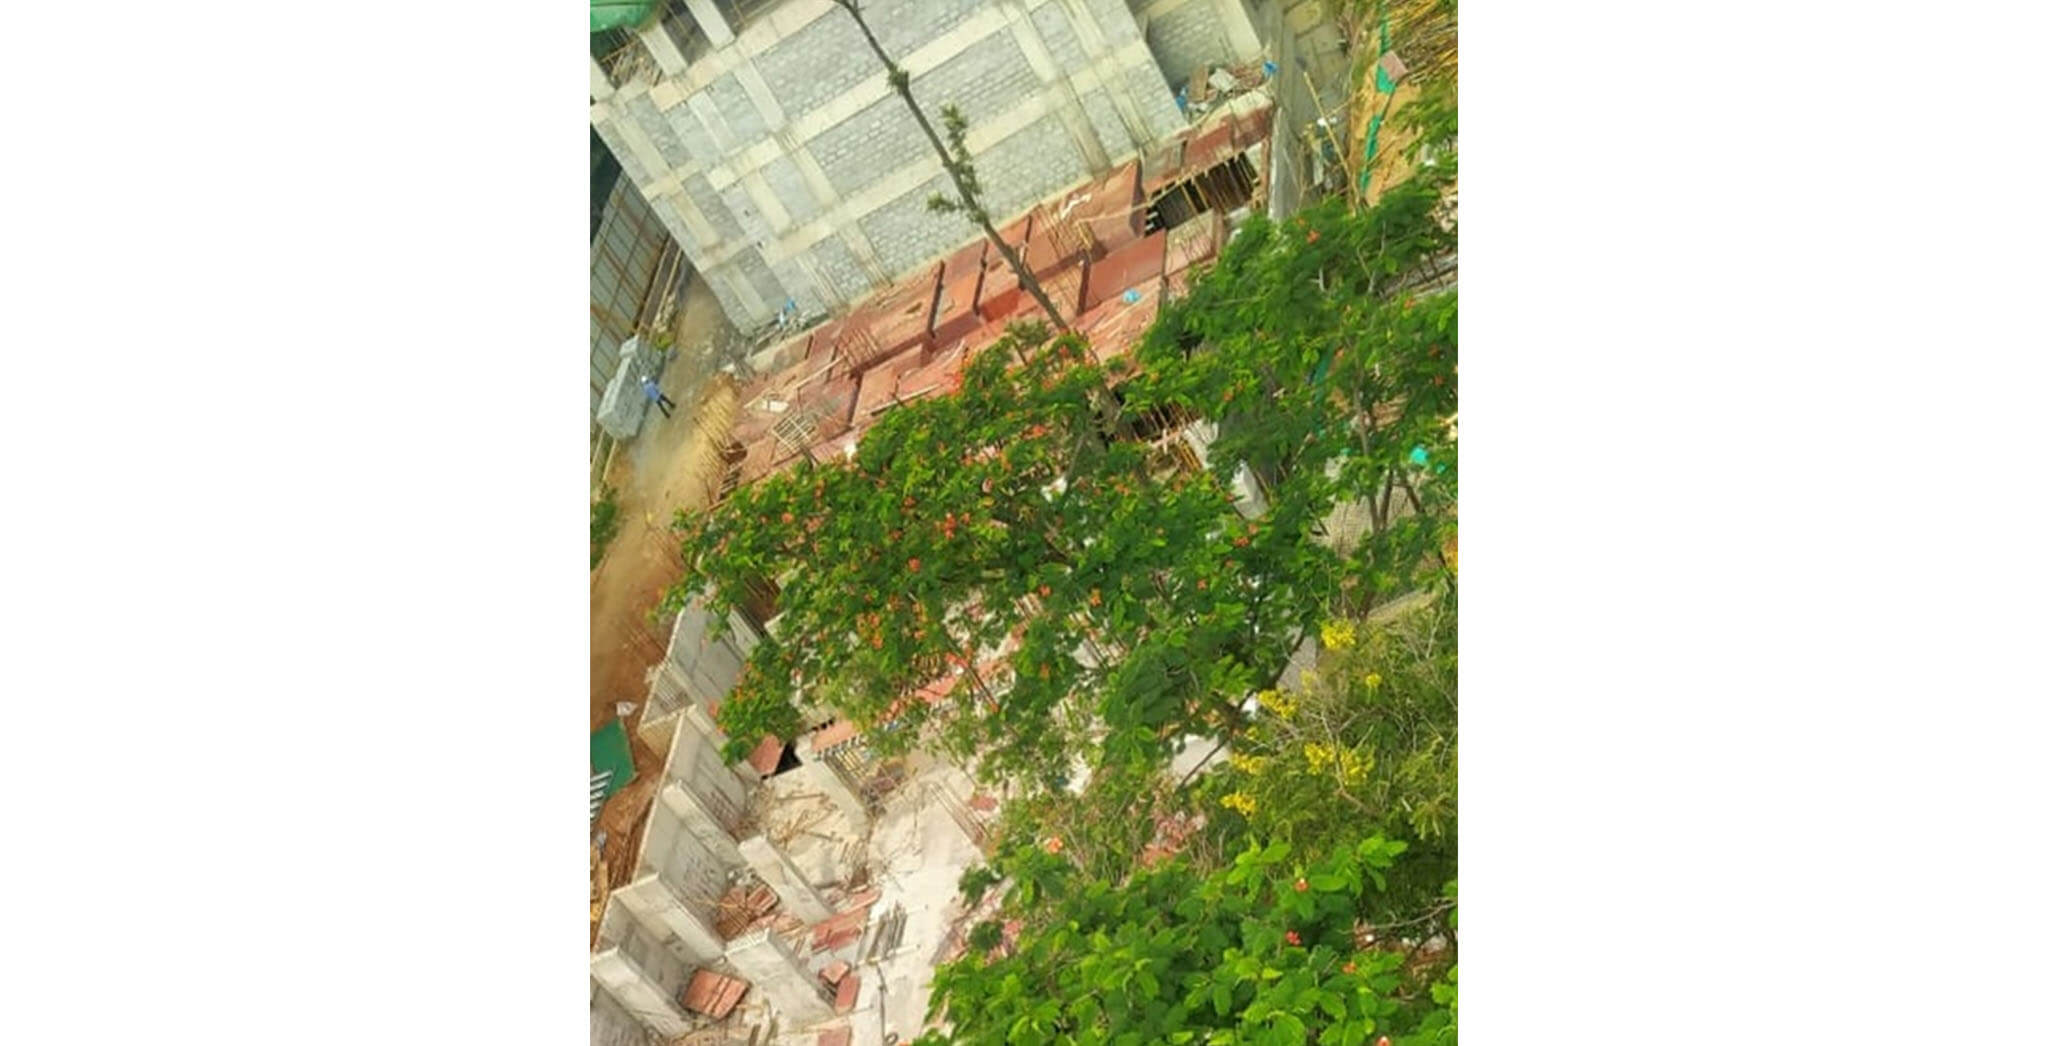 Jun 2020 - D Block: Ground floor slab shuttering work-in-progress.